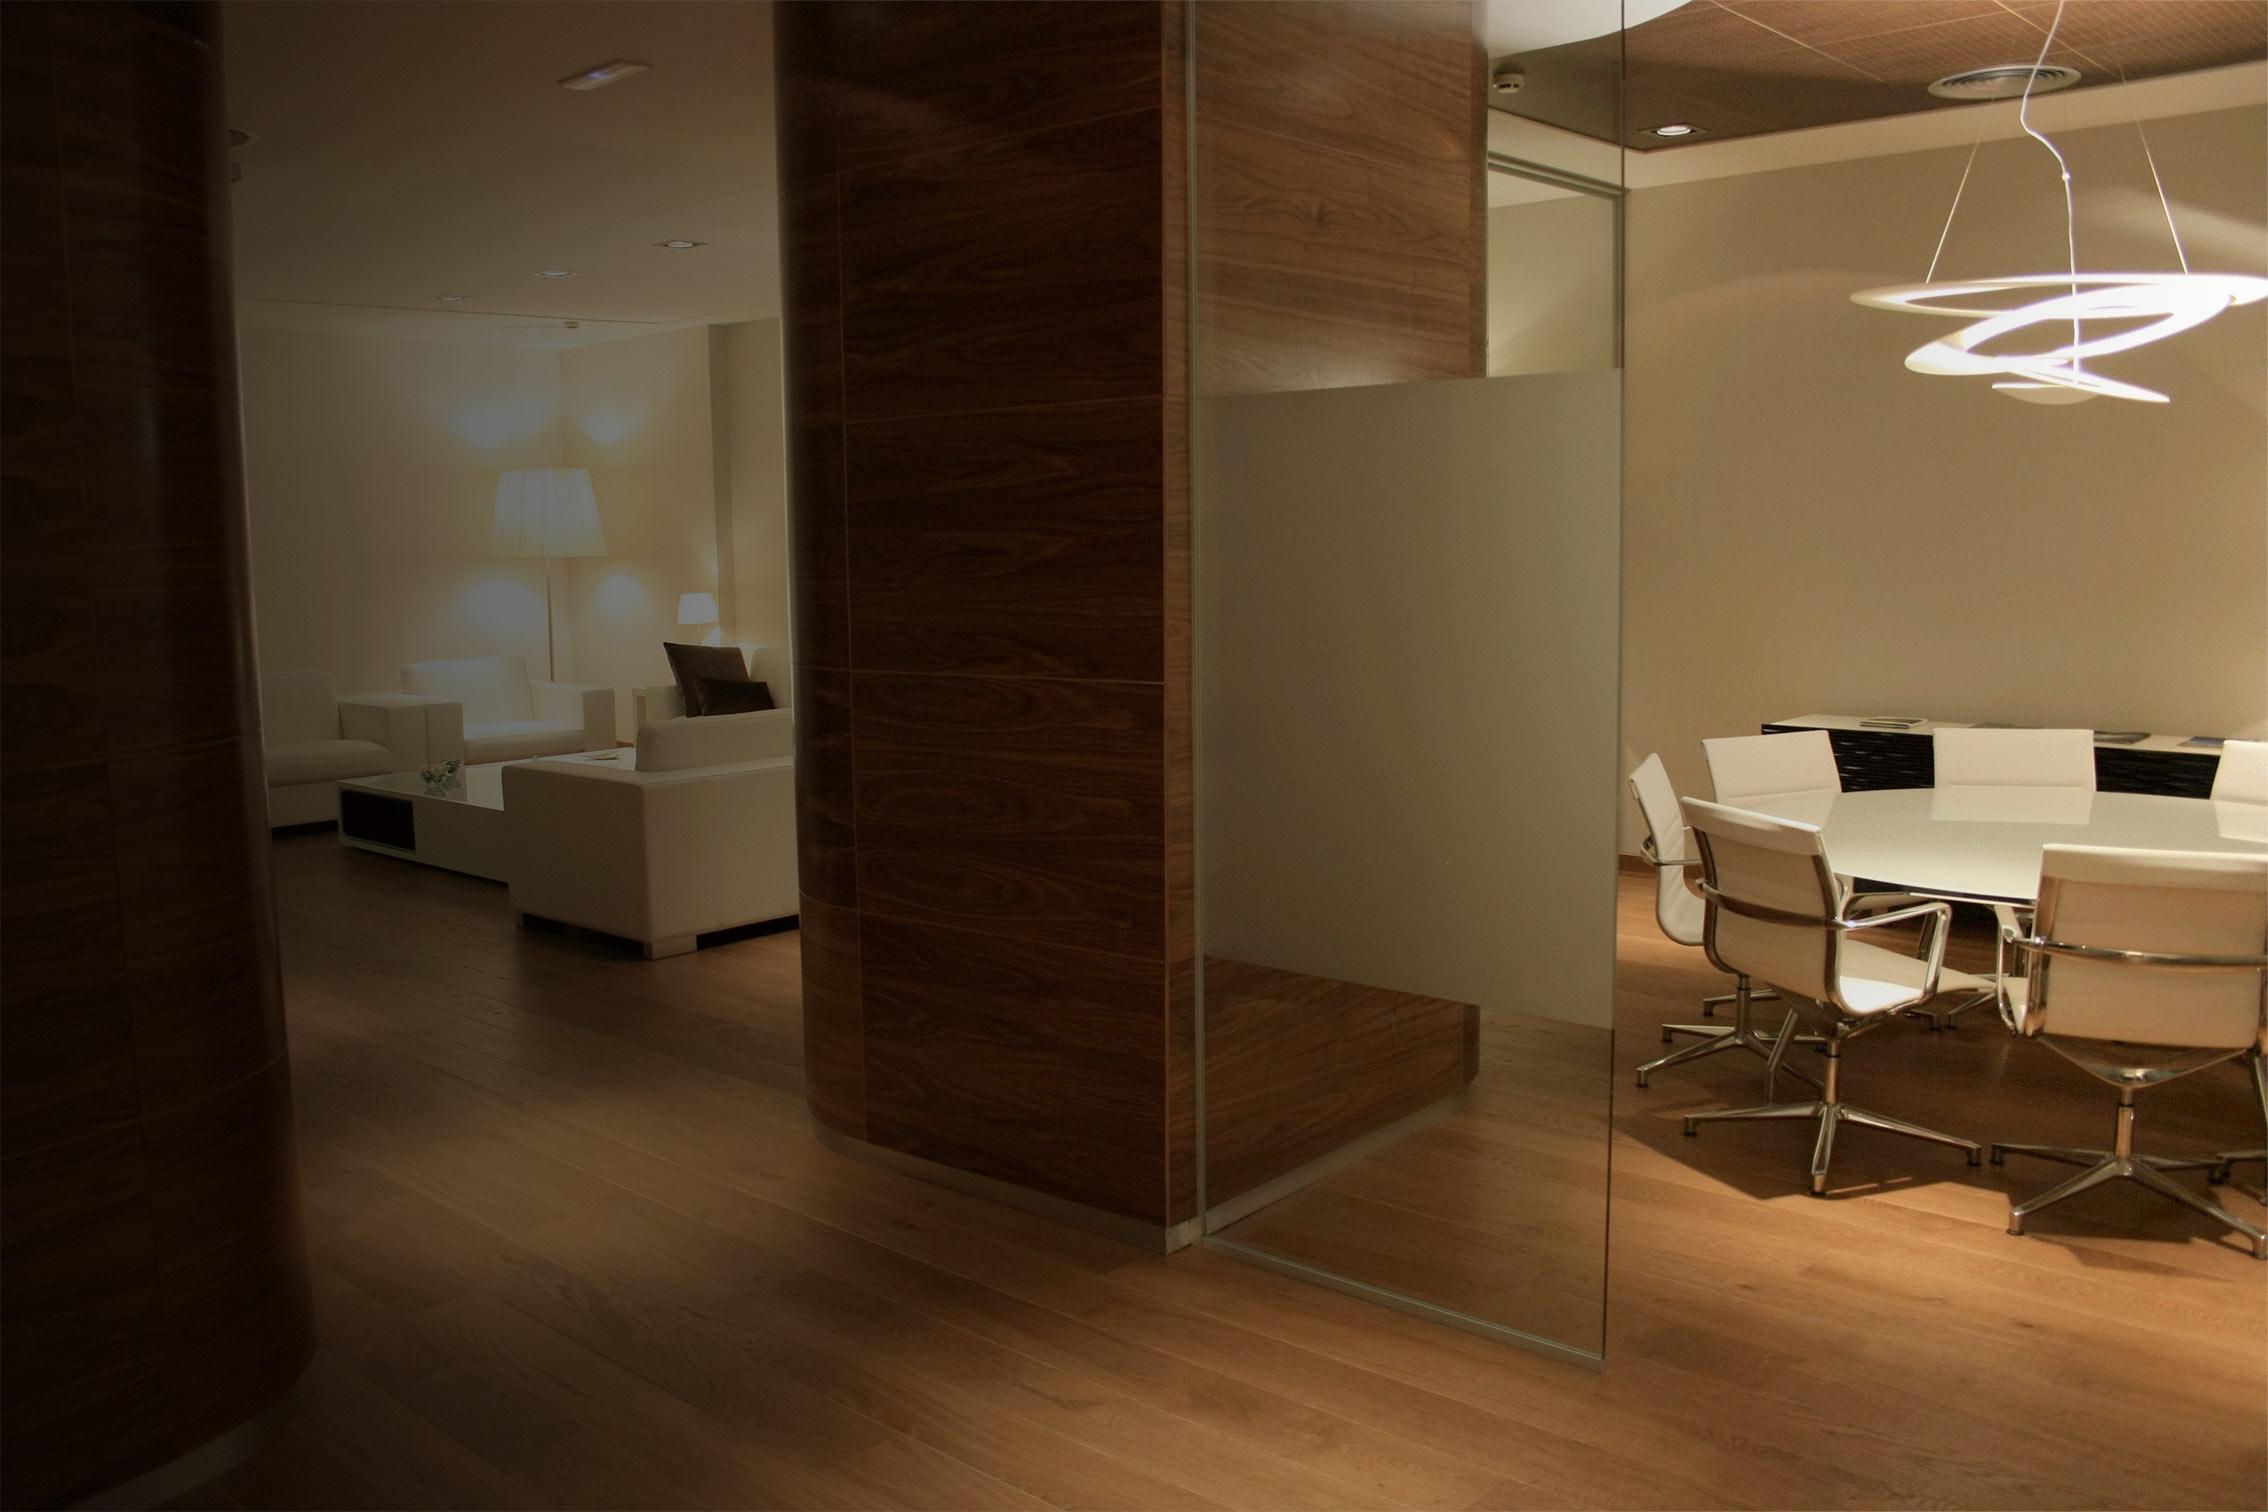 Fabricantes de mobiliario de oficina en madrid para for Fabricantes de mobiliario de oficina